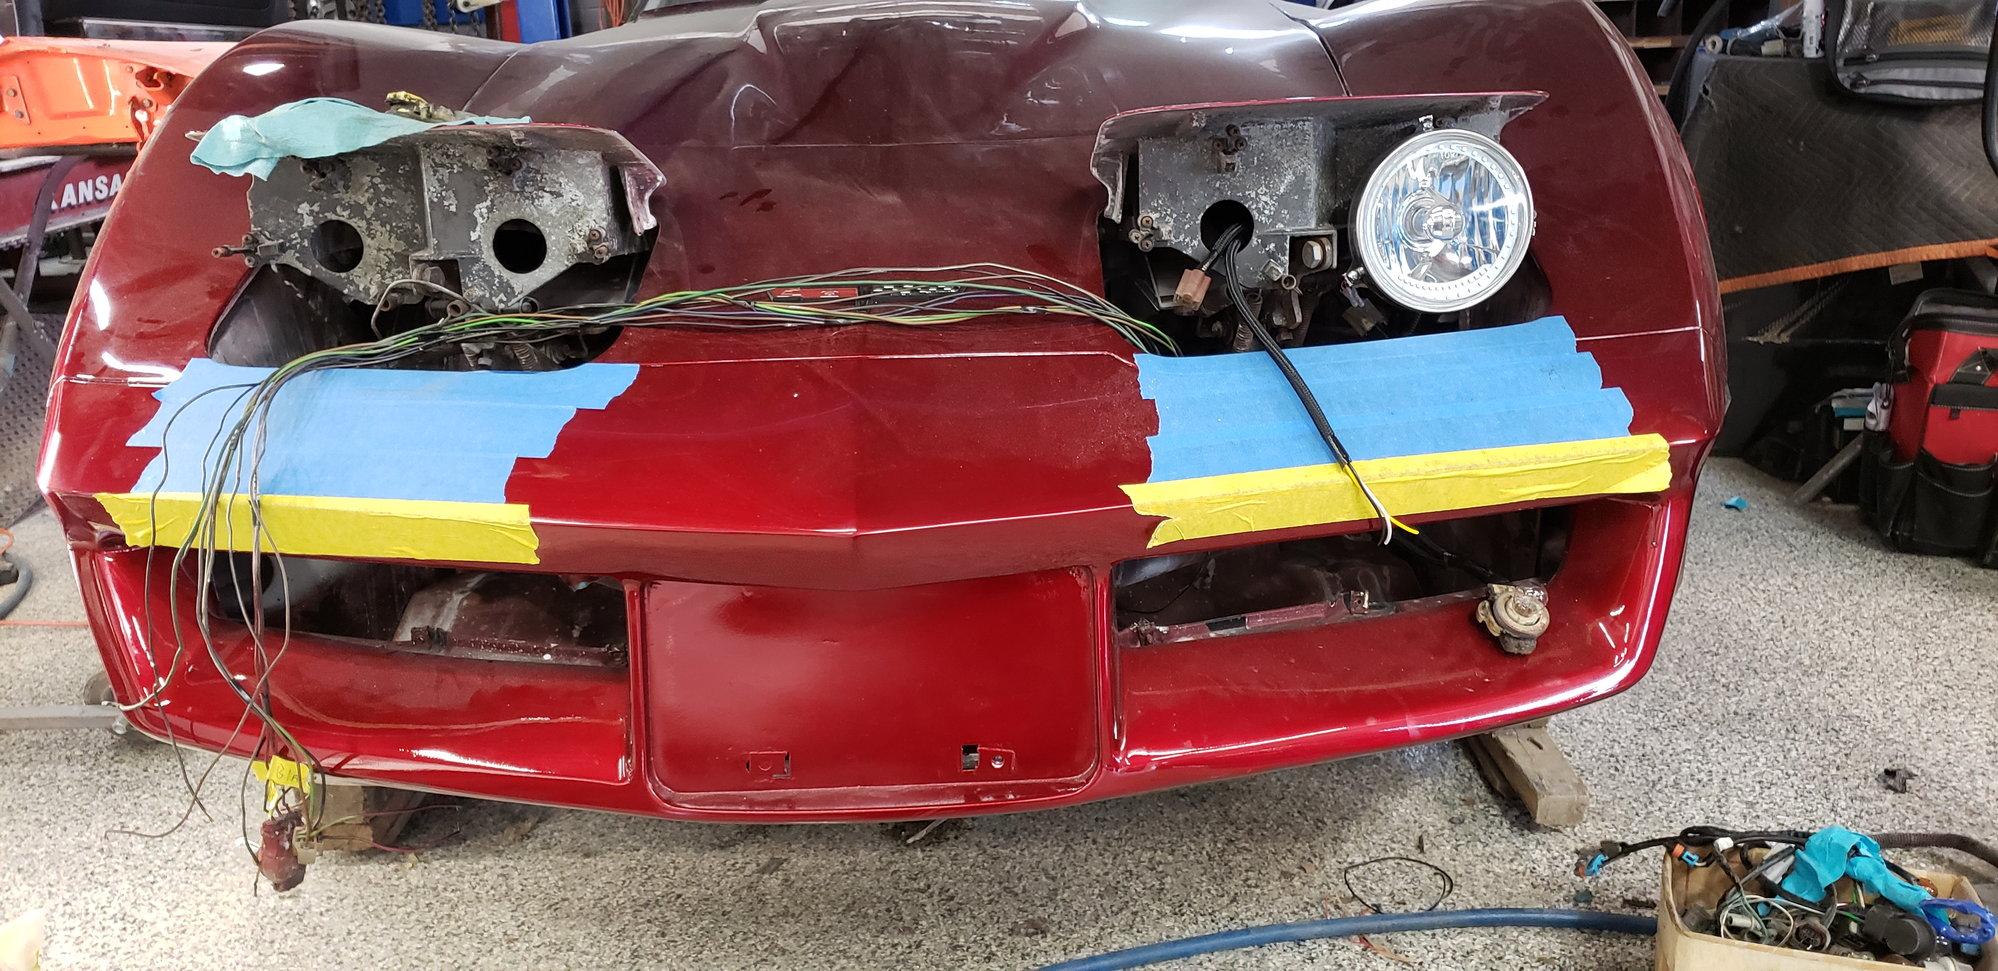 81 headlight wiring - CorvetteForum - Chevrolet Corvette ...